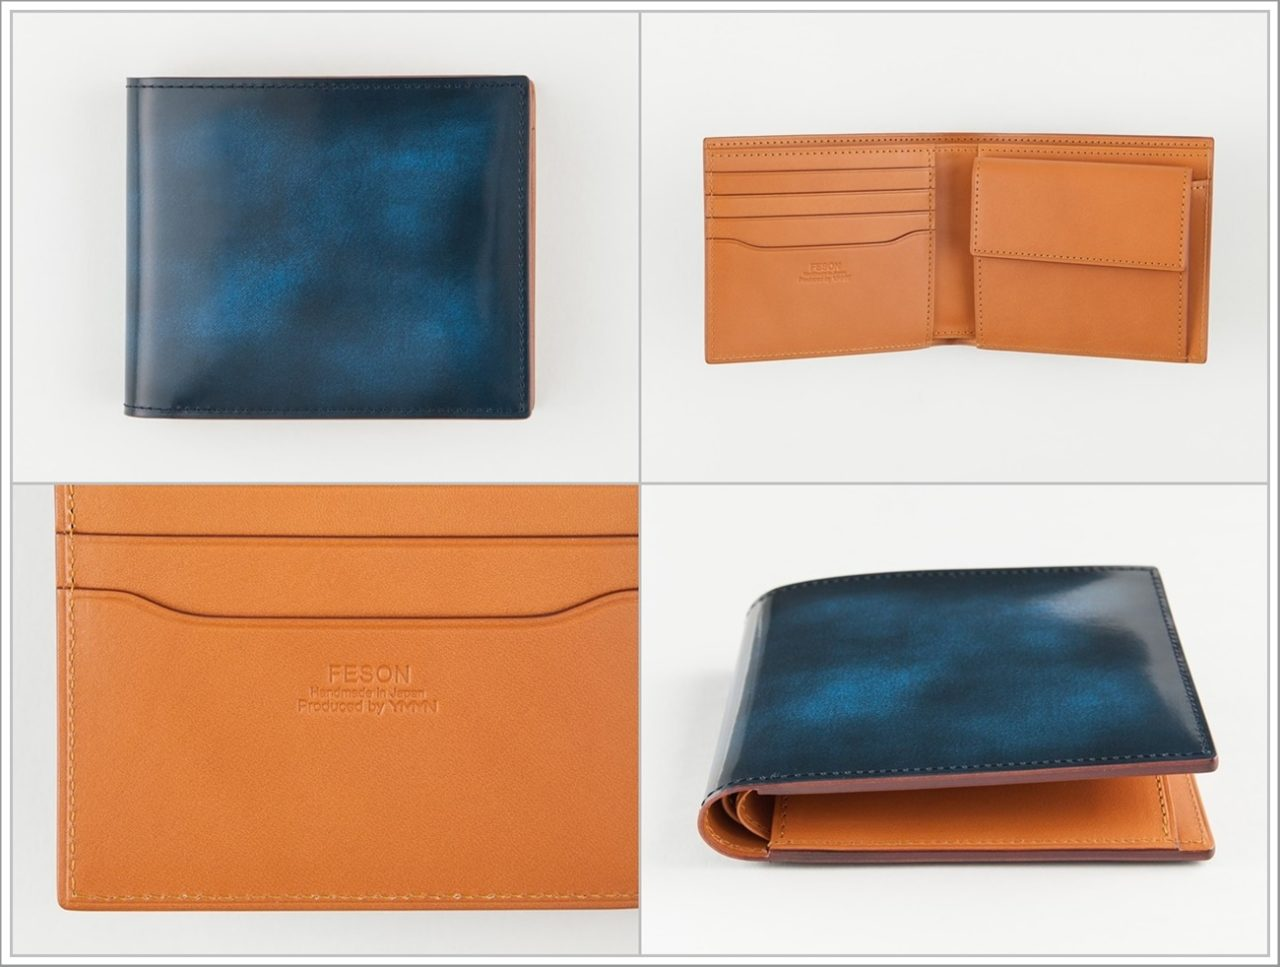 FESONのアドバンレザー二つ折り財布